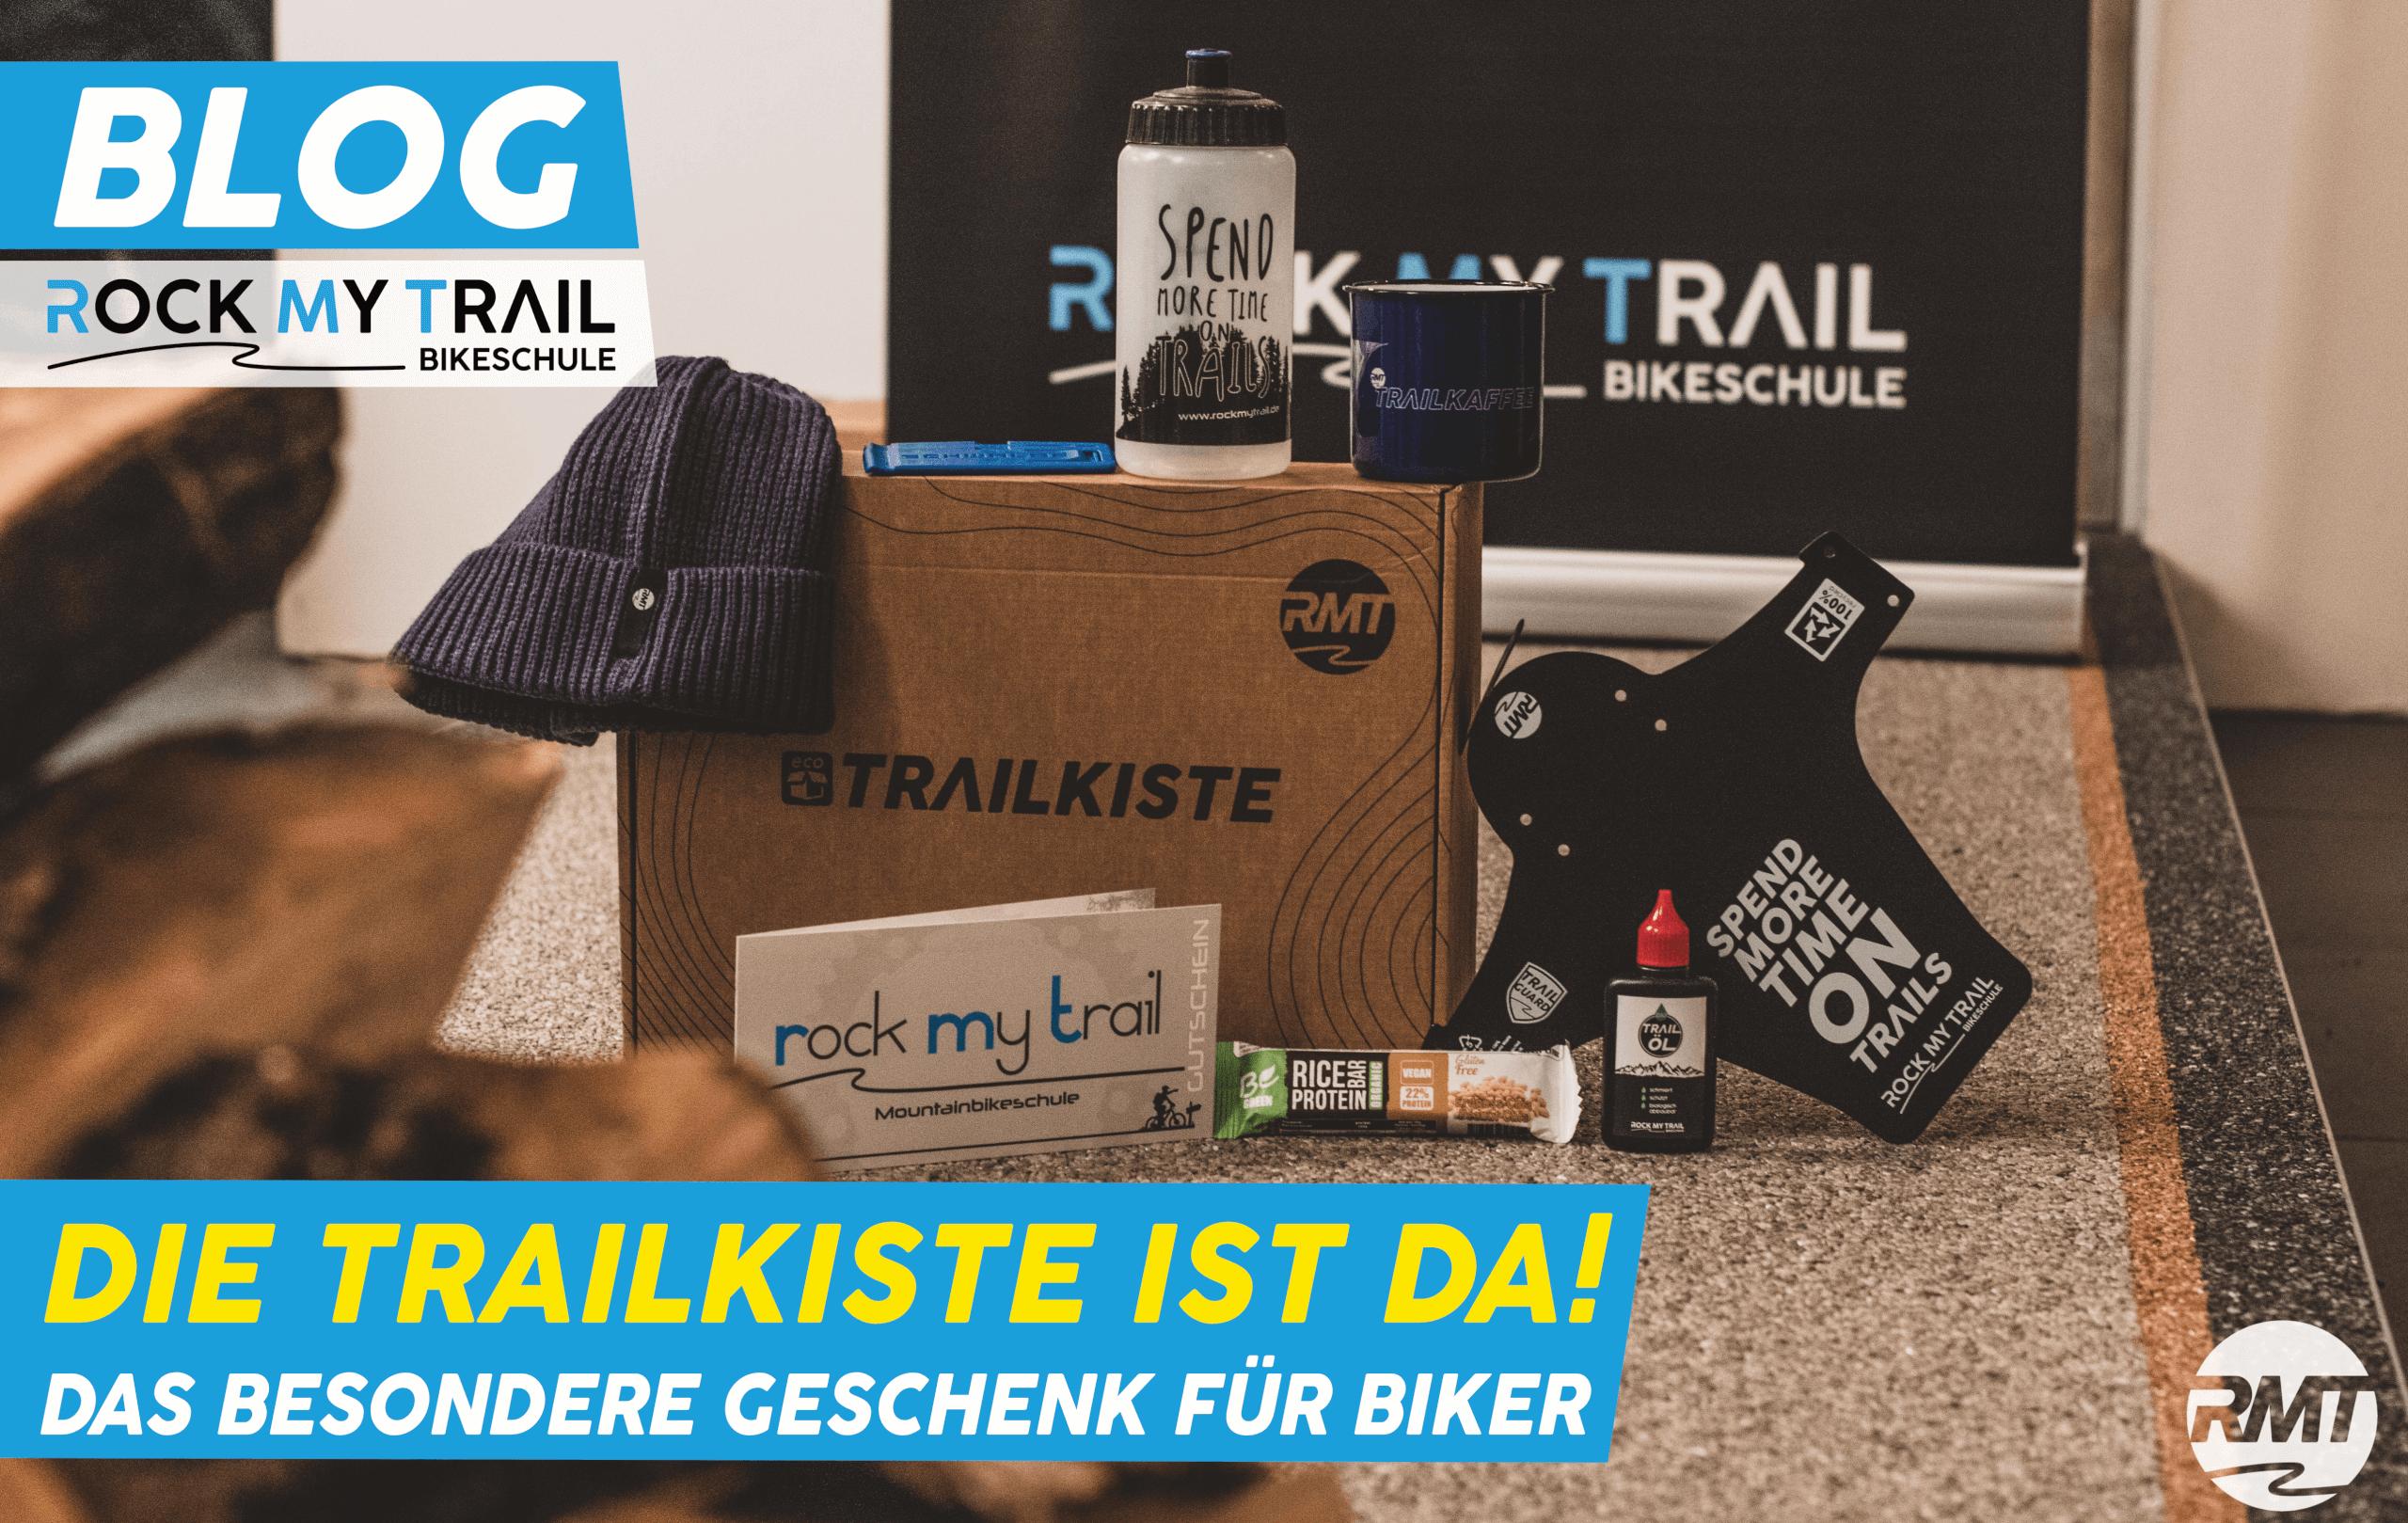 TRAILKISTE - Rock my Trail Bikeschule